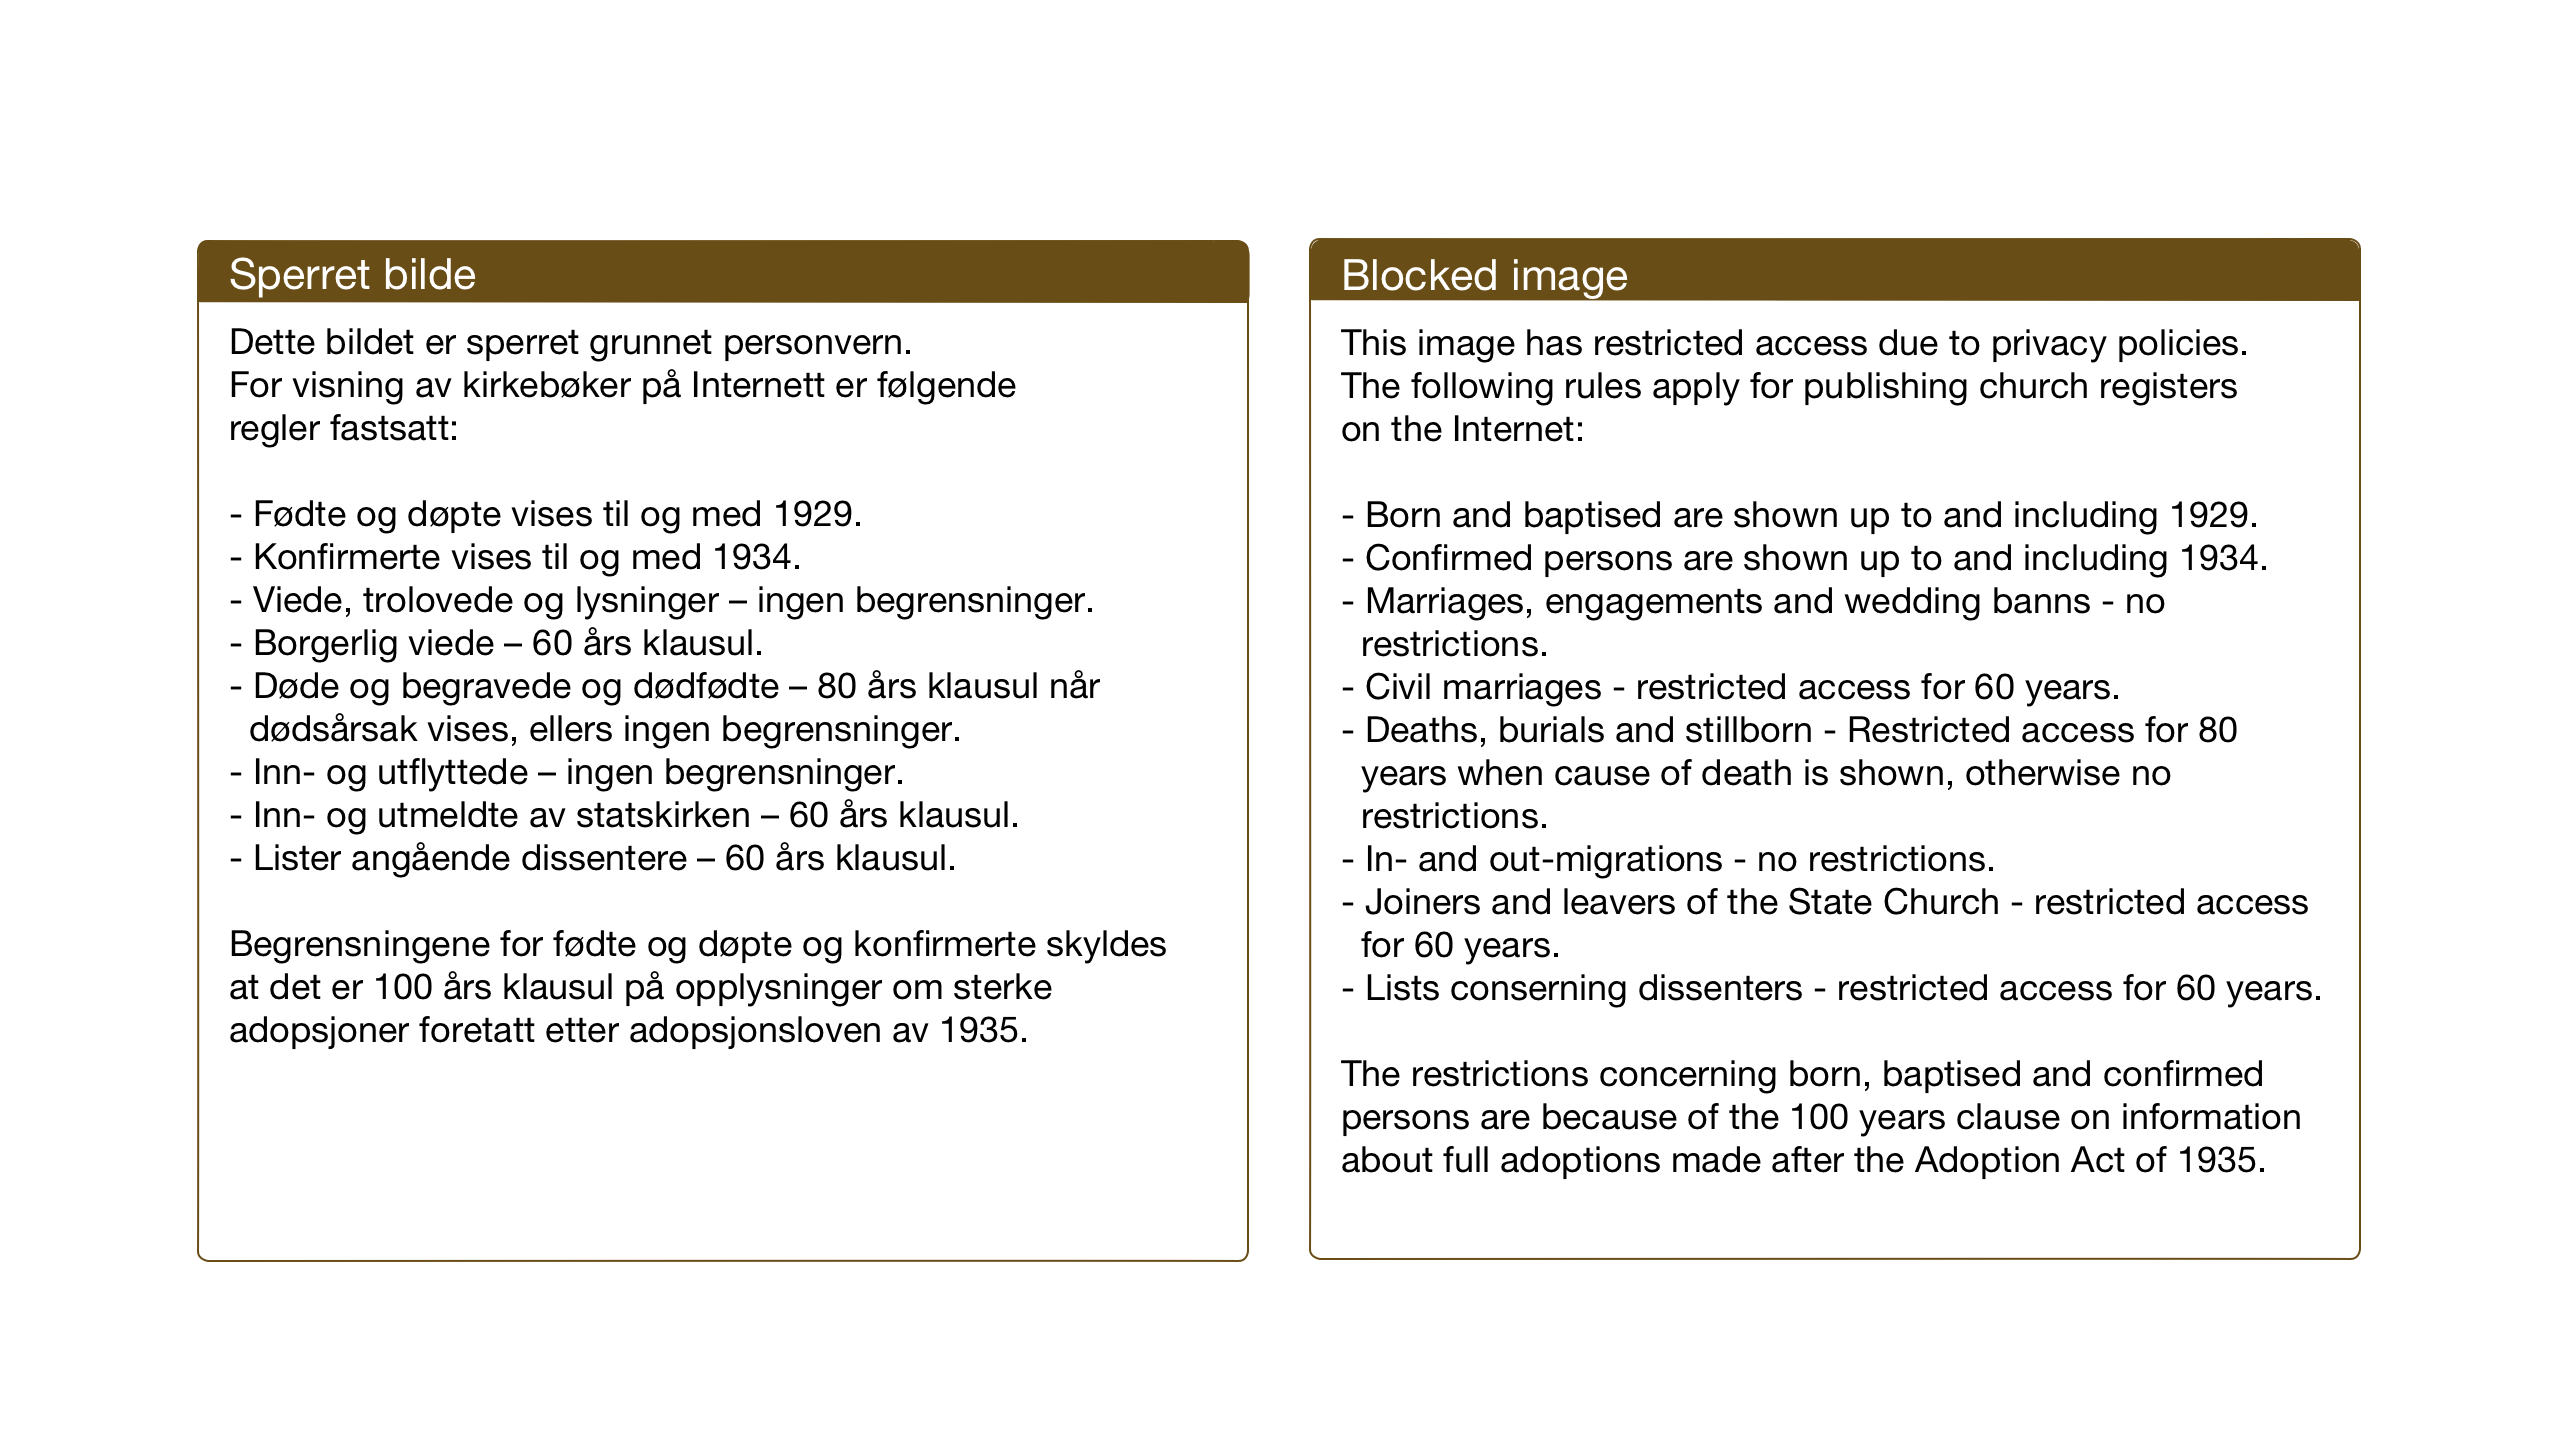 SAT, Ministerialprotokoller, klokkerbøker og fødselsregistre - Nord-Trøndelag, 770/L0591: Klokkerbok nr. 770C02, 1902-1940, s. 75